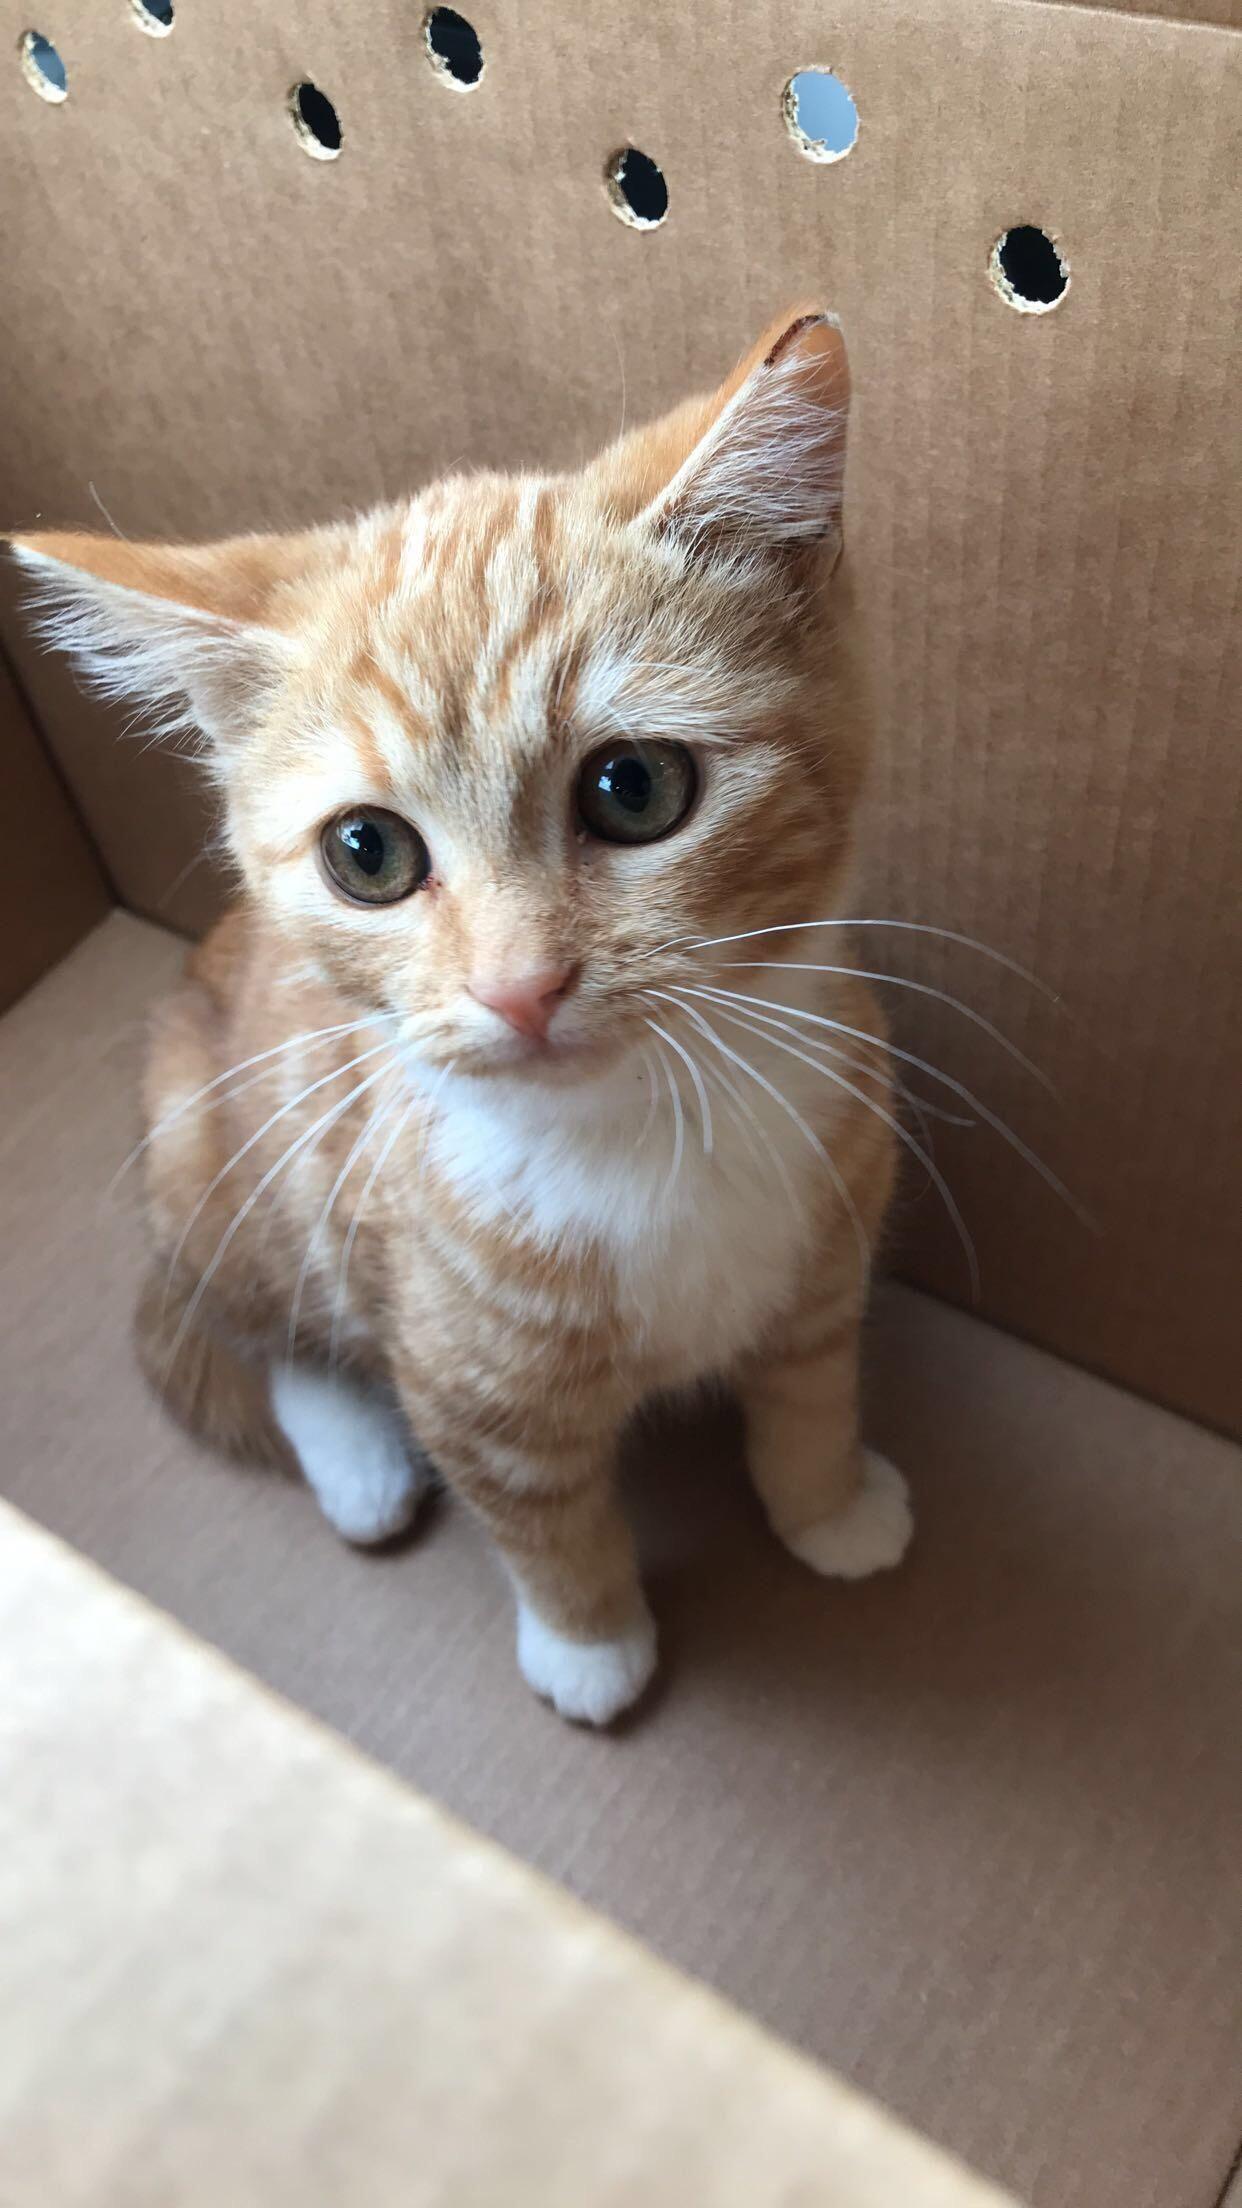 Reddit please meet my newest baby boy Roo  #aww #cute